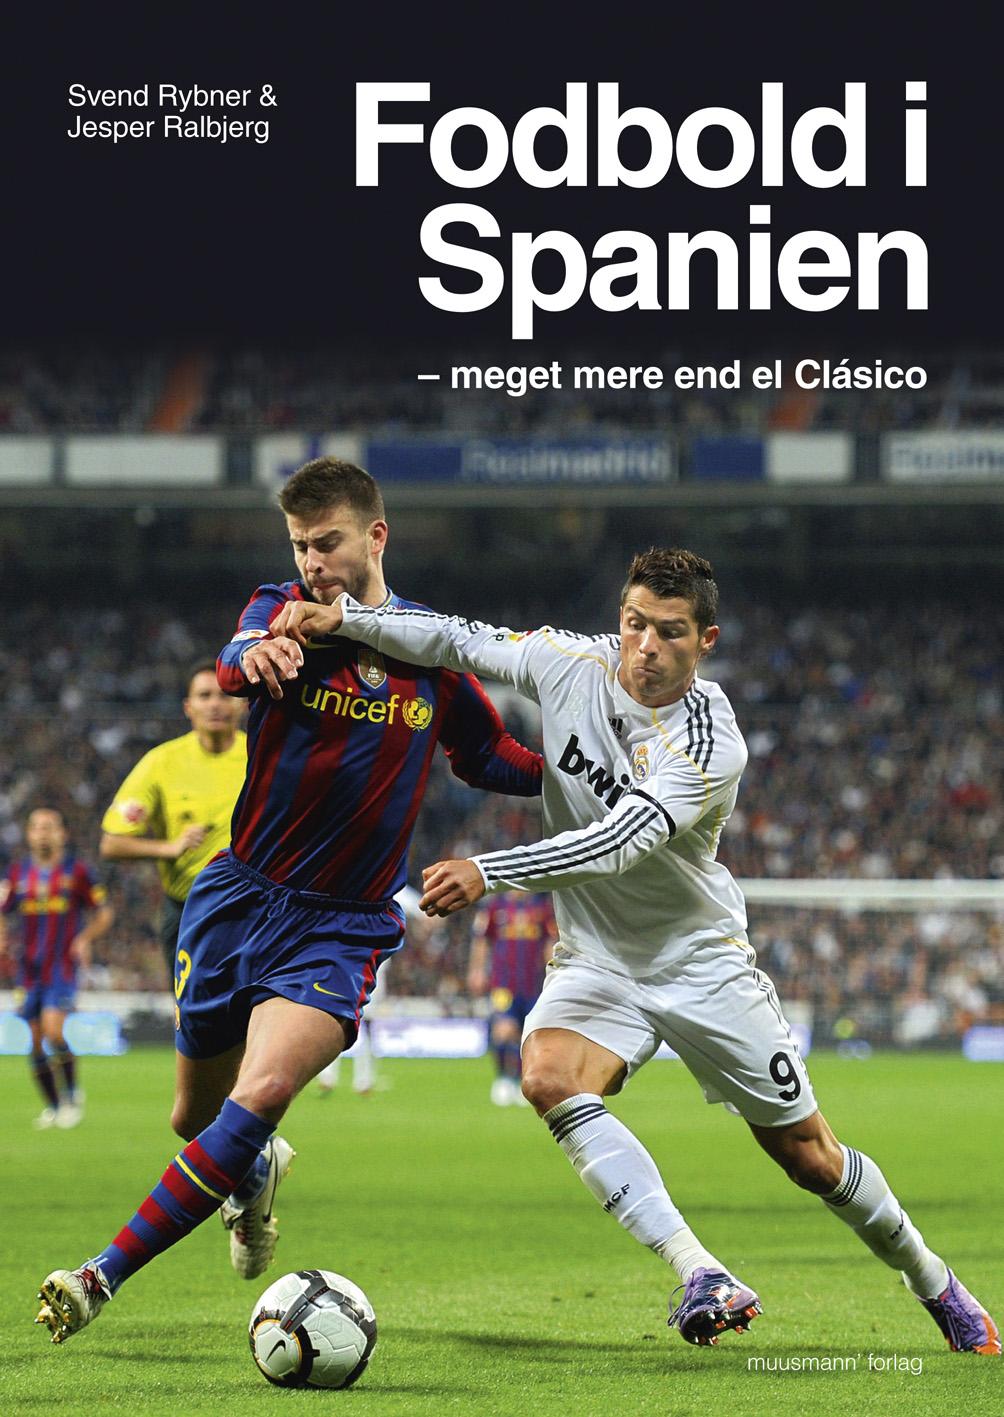 Fodbold i Spanien